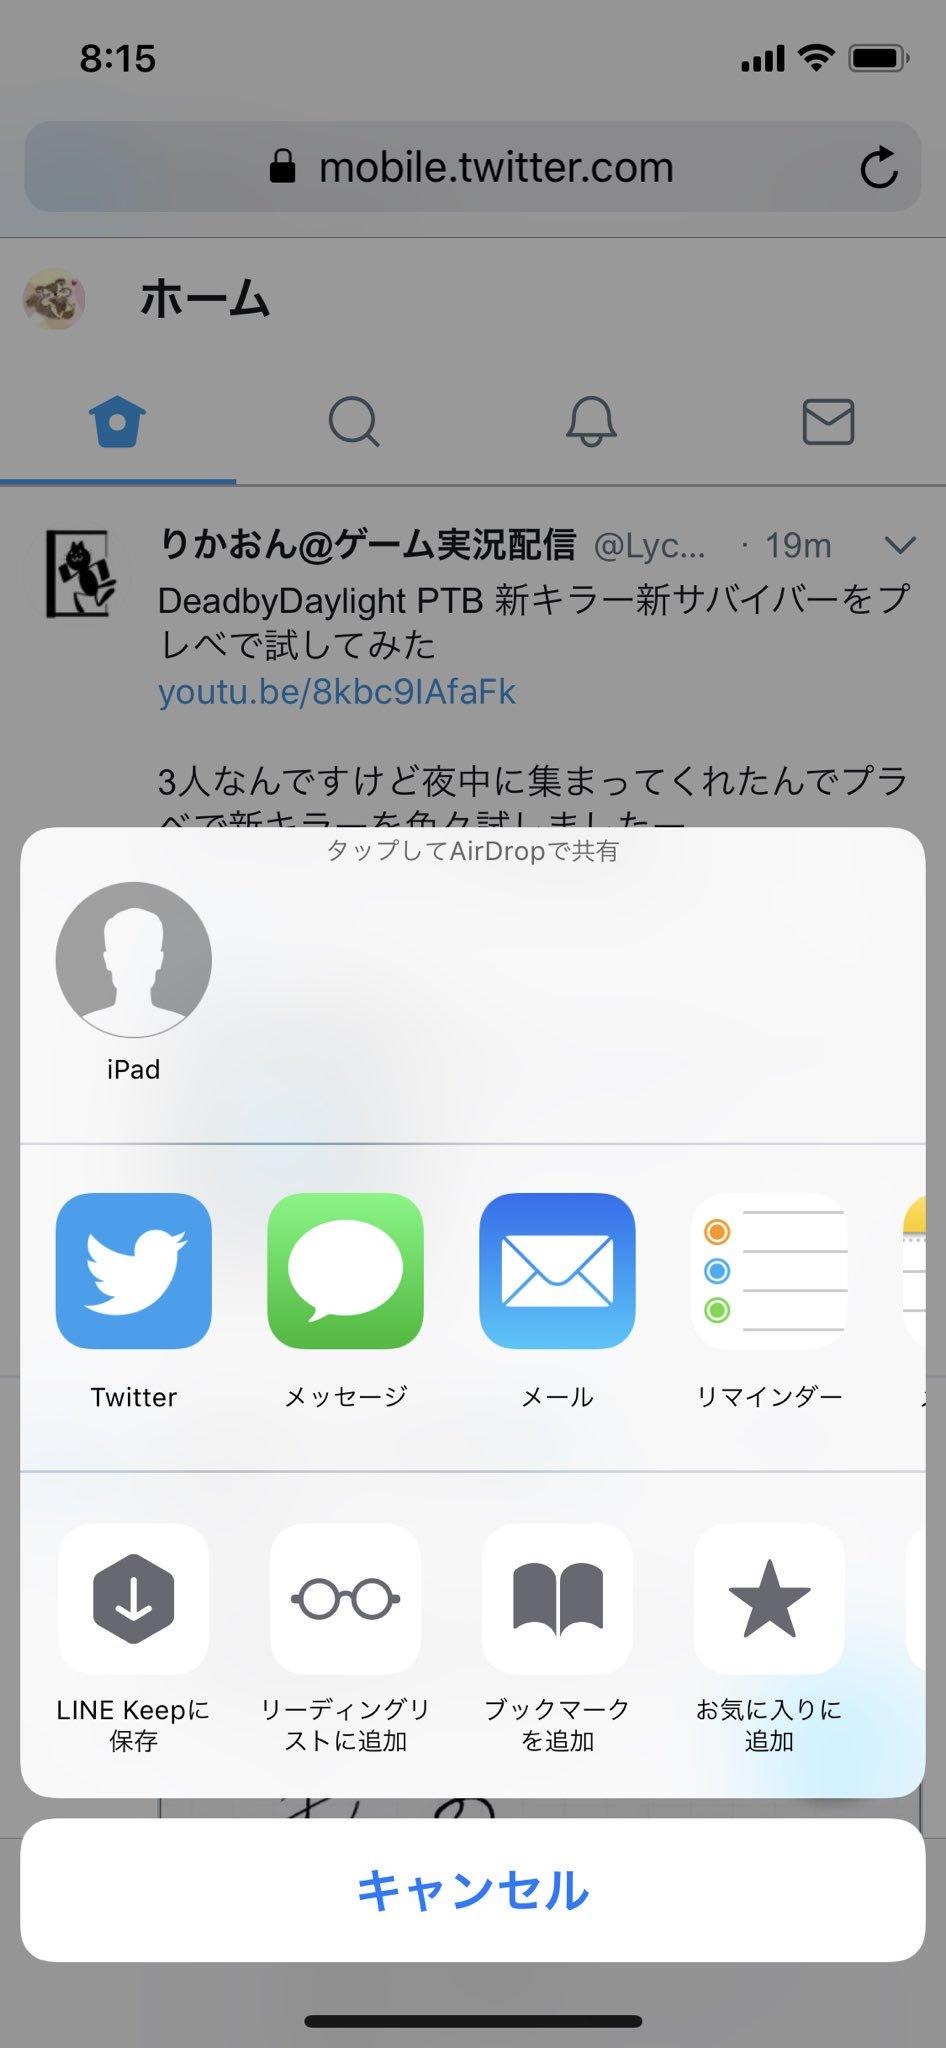 """alt""""2.近くにいるiOSユーザーのデバイス名が表示されるので、タップして共有。"""""""